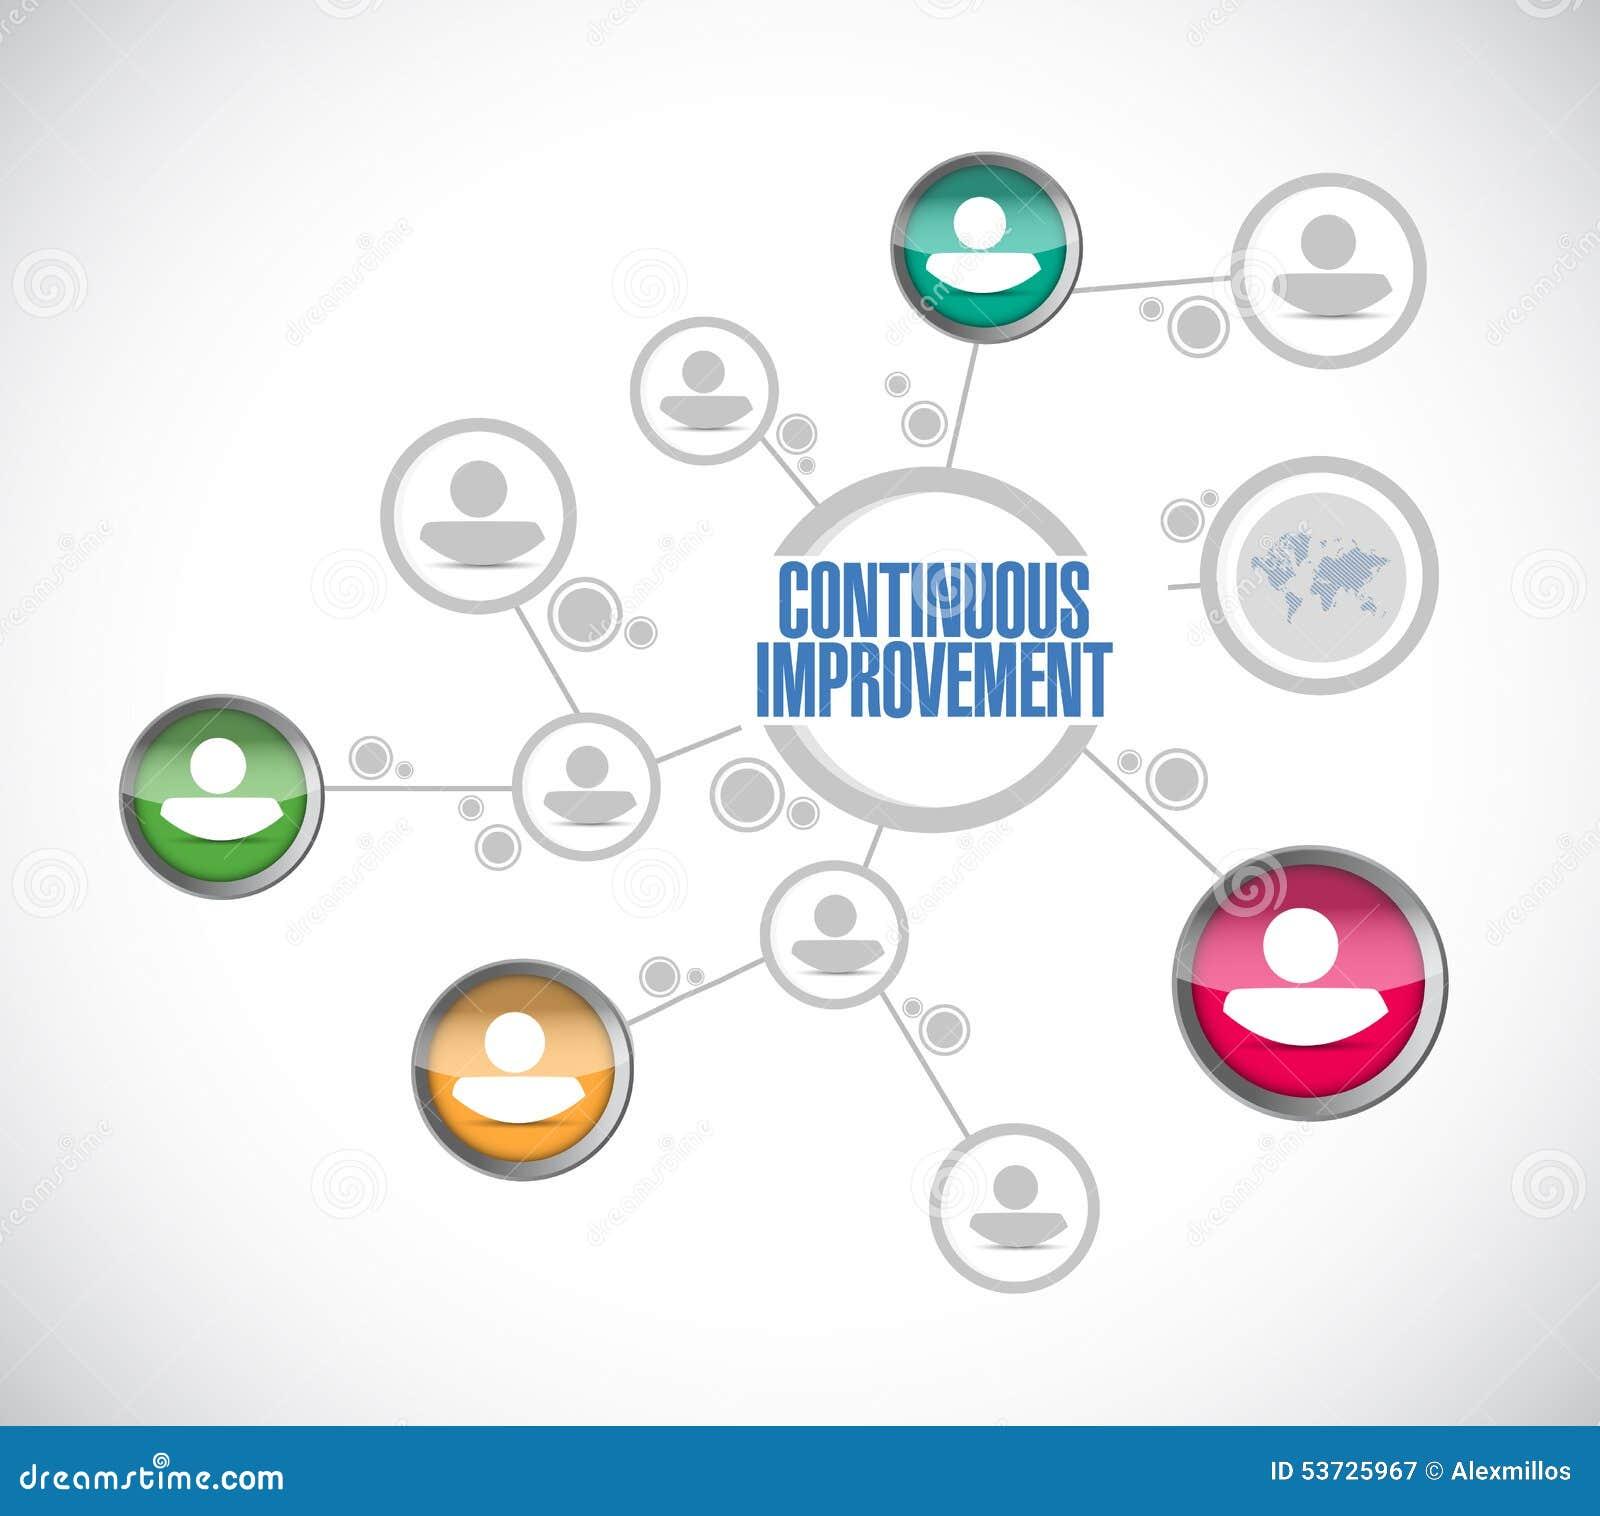 continuous improvement diagram sign concept stock illustration    continuous improvement diagram sign concept